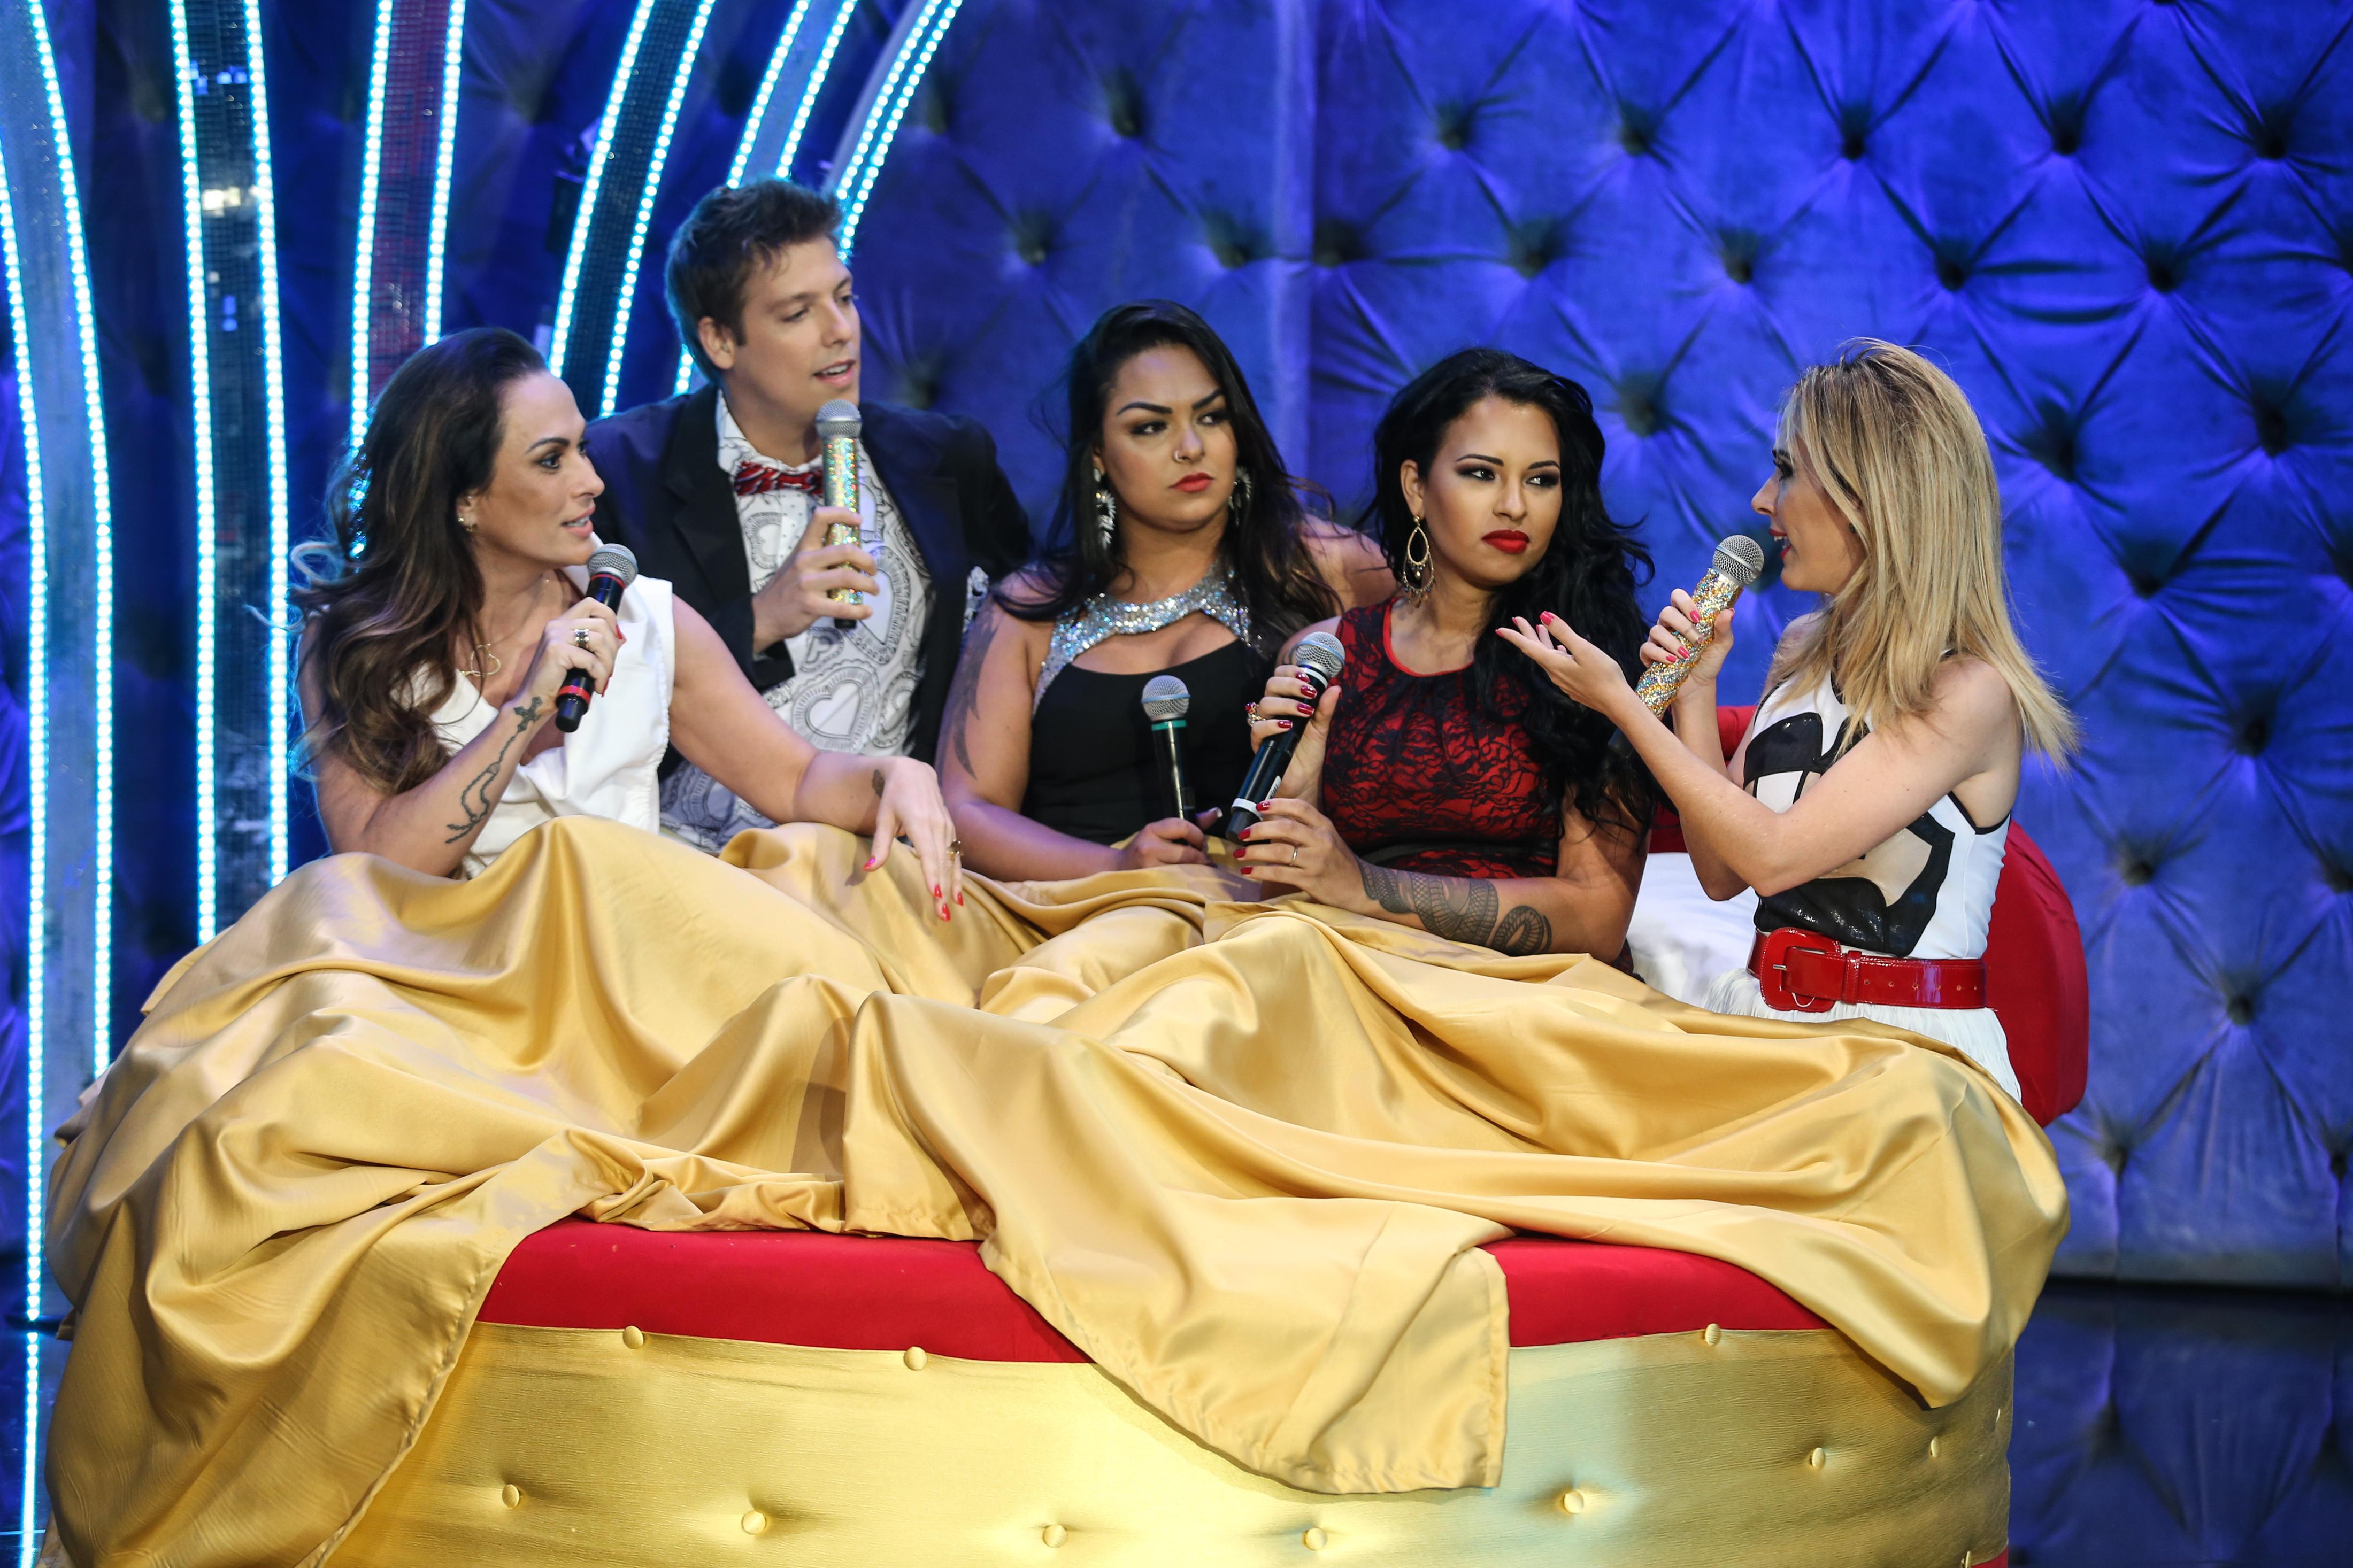 Ariadna, Mulher Melancia, Núbia Oliver tudo pela audiência tatá werneck fábio porchat